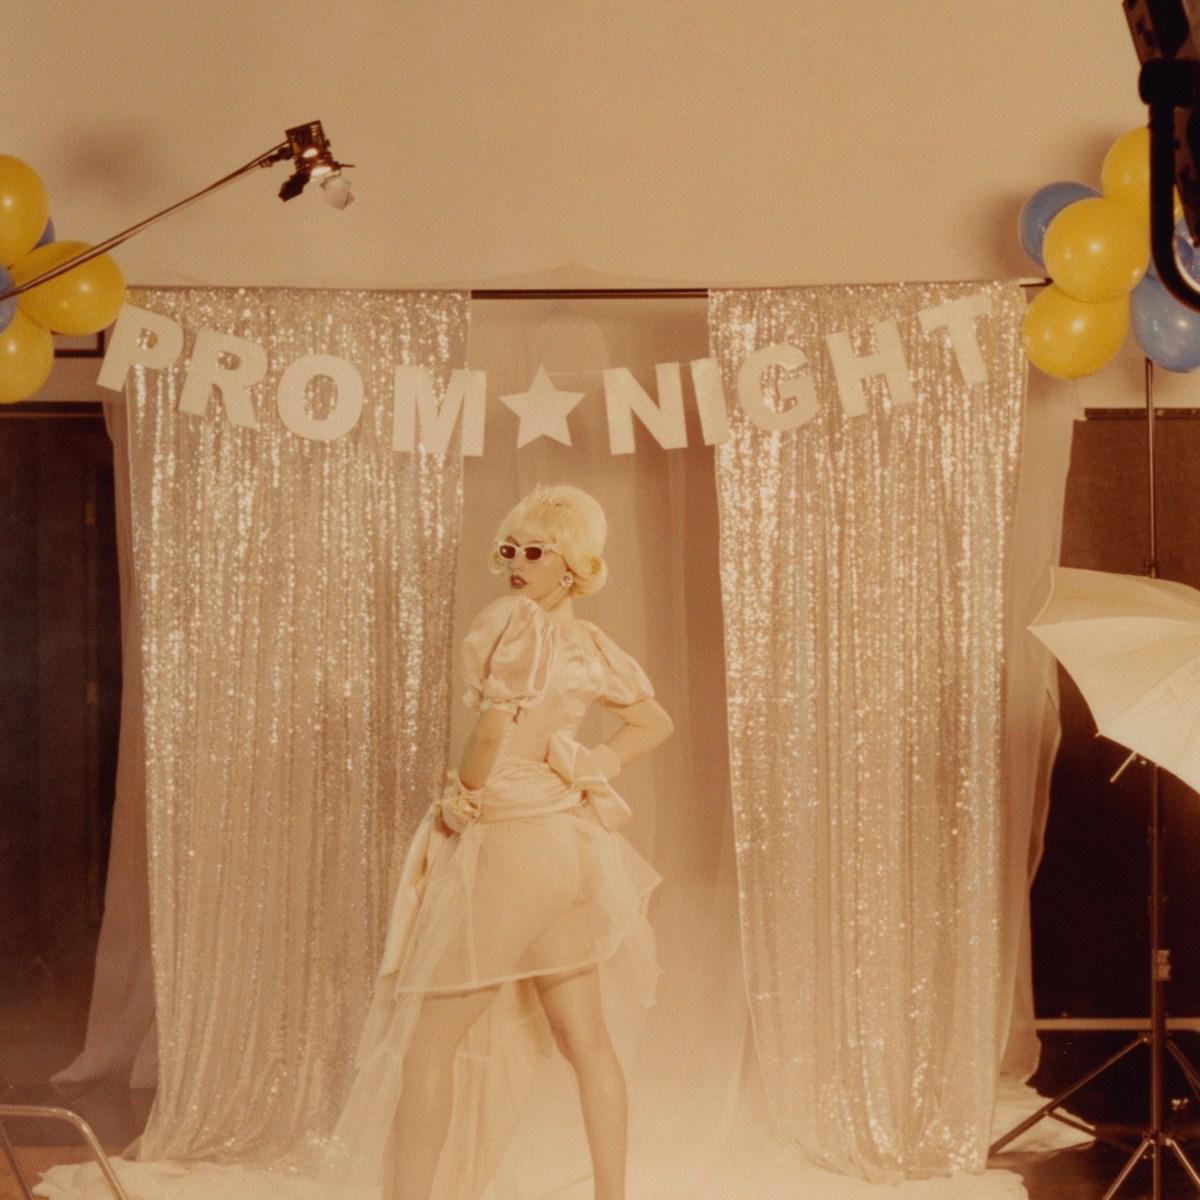 King nackt Princess 'Nude photos'